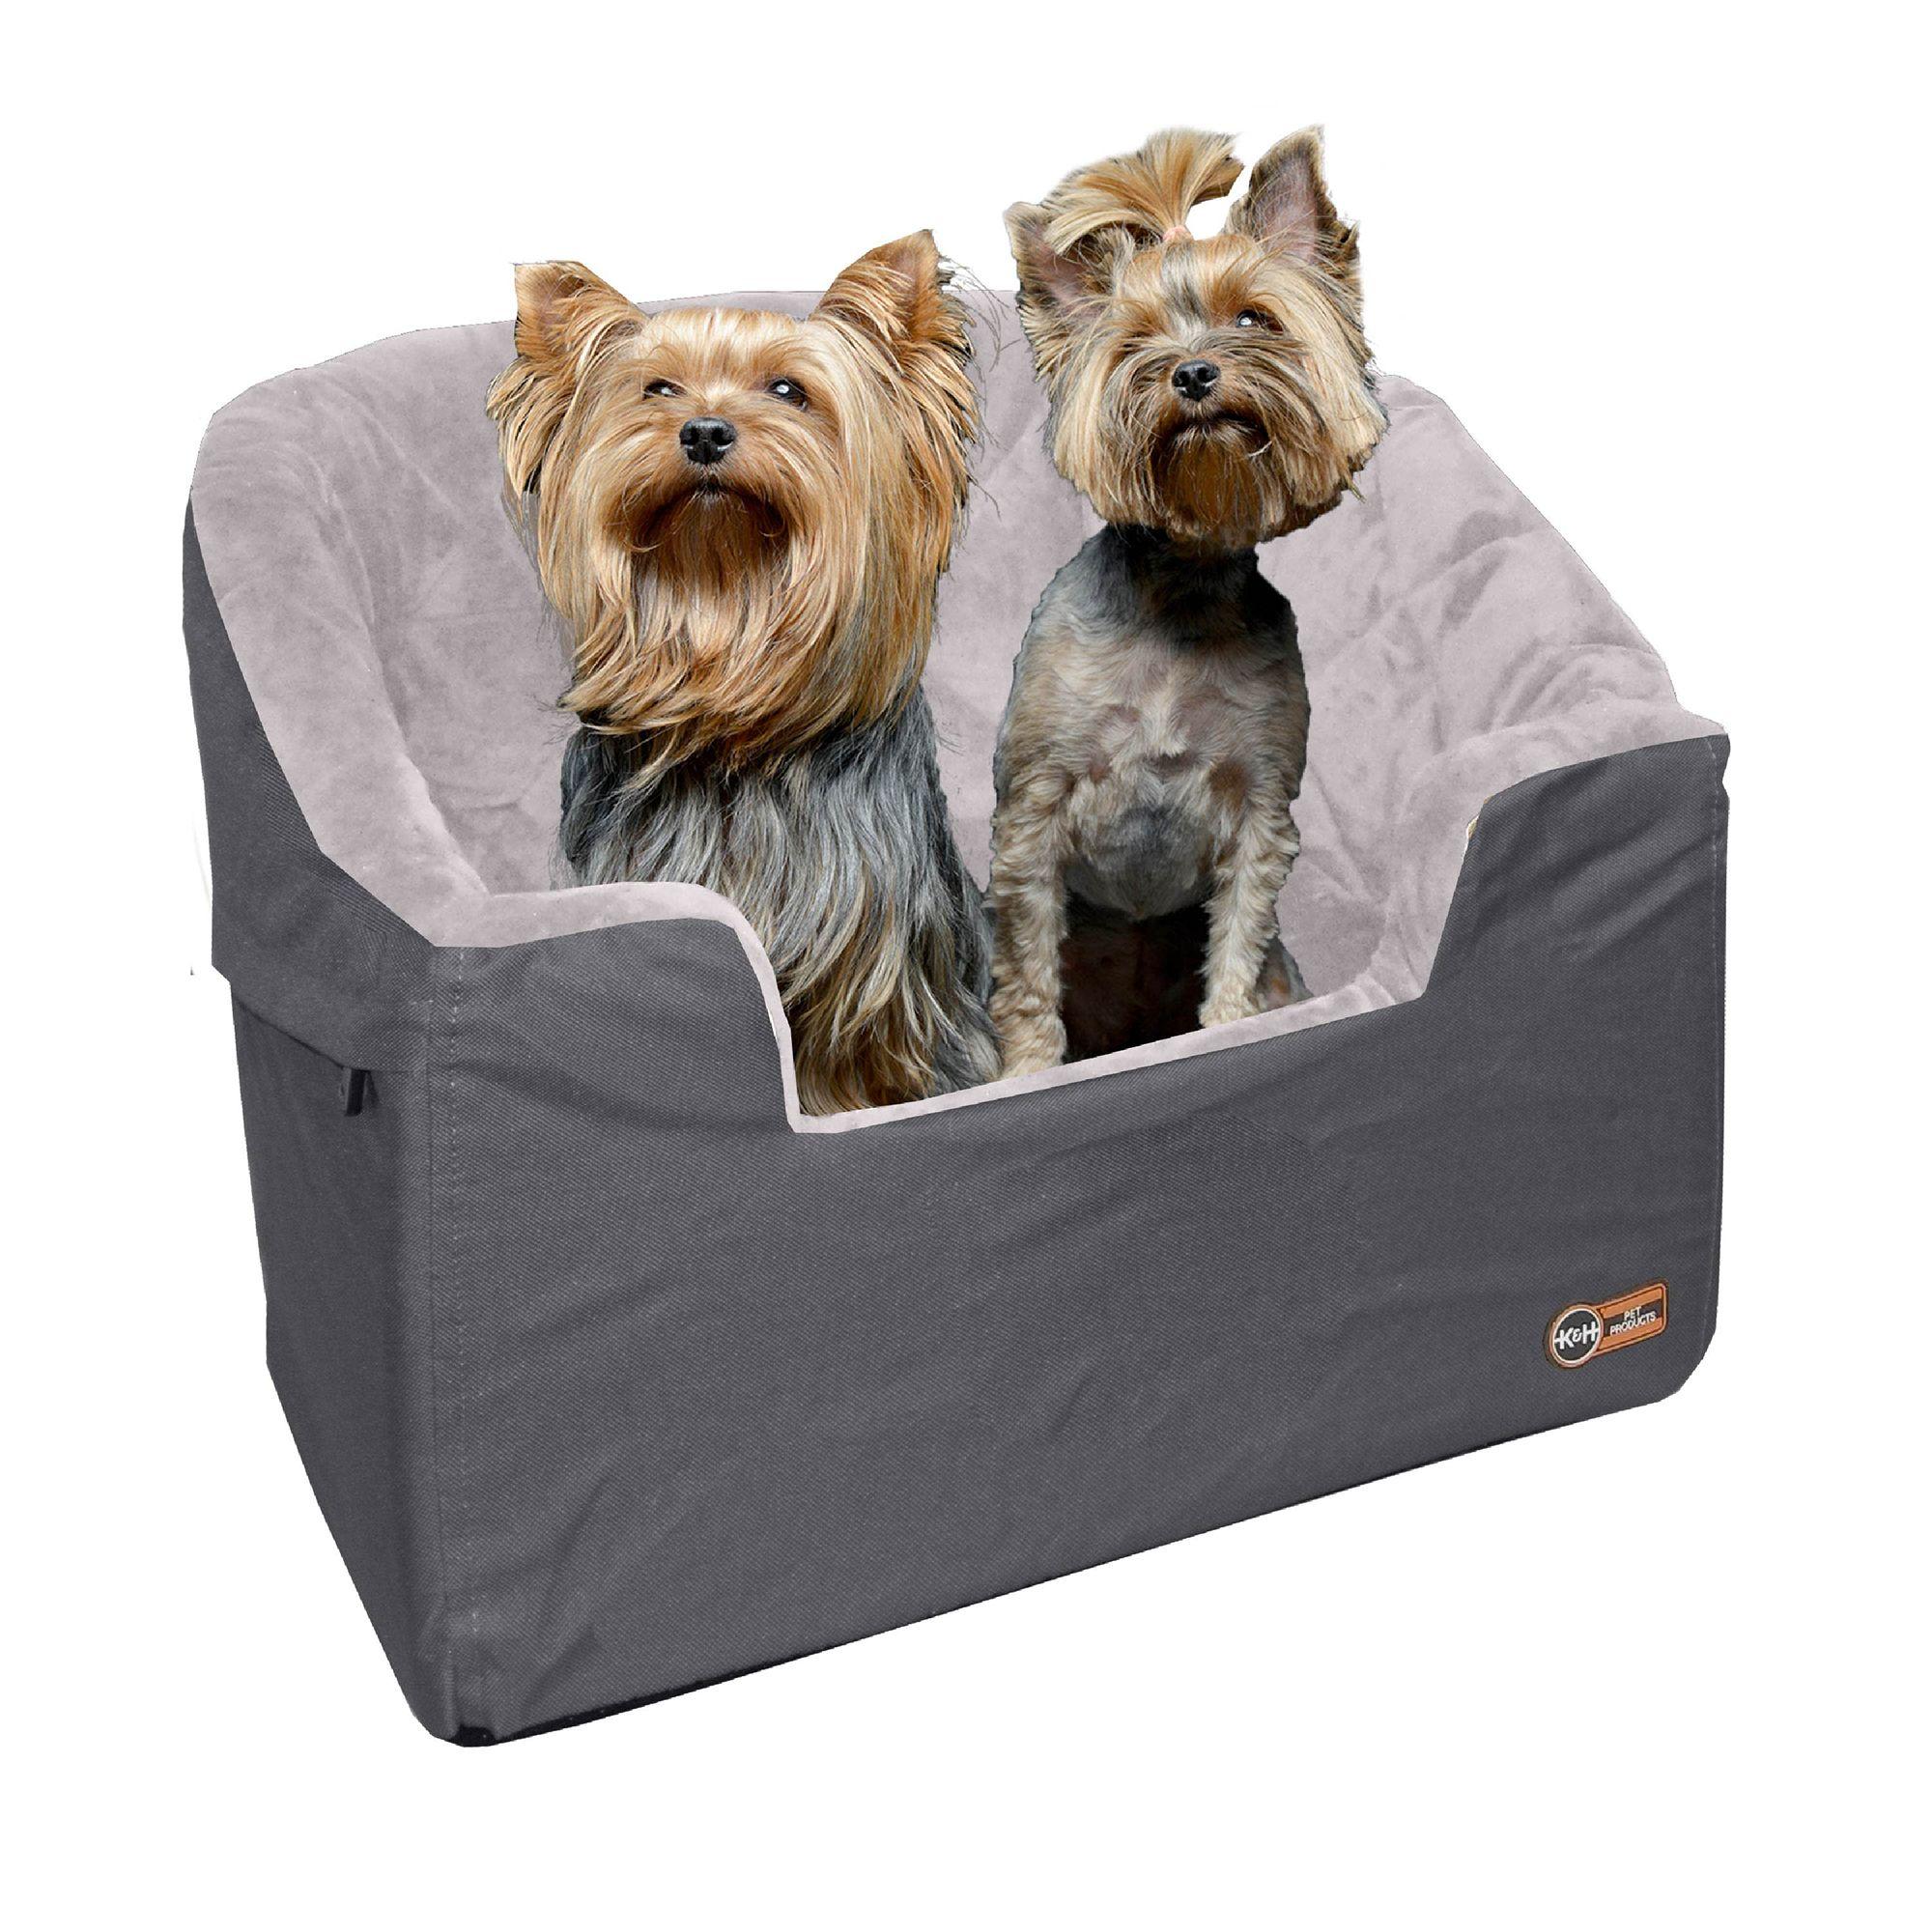 KandH Bucket Booster Pet Seat